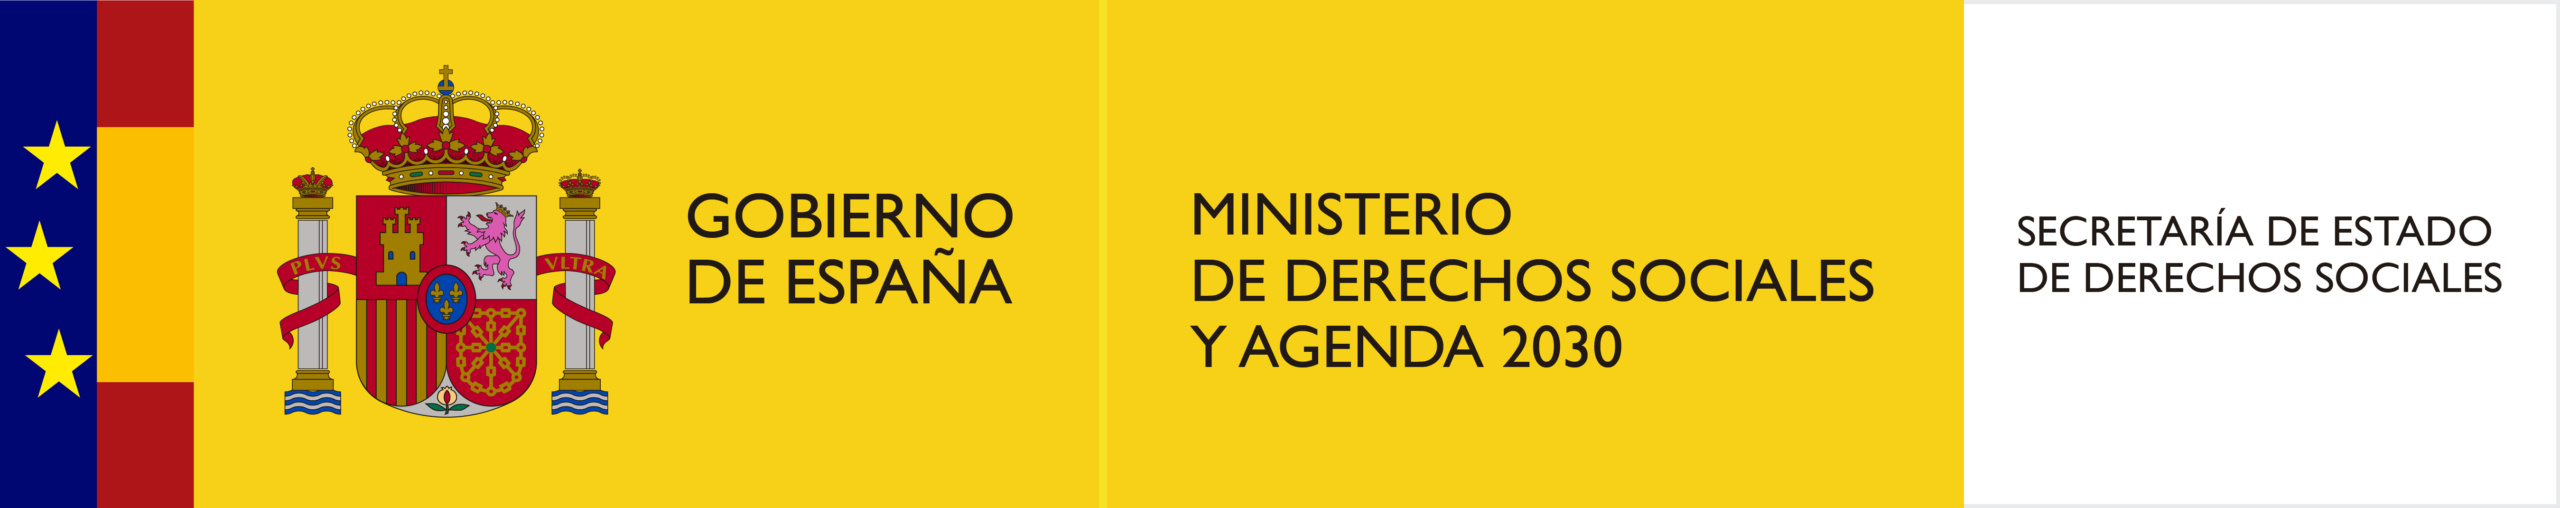 Logo Ministerio de Derechos Sociales y Agenda 2030